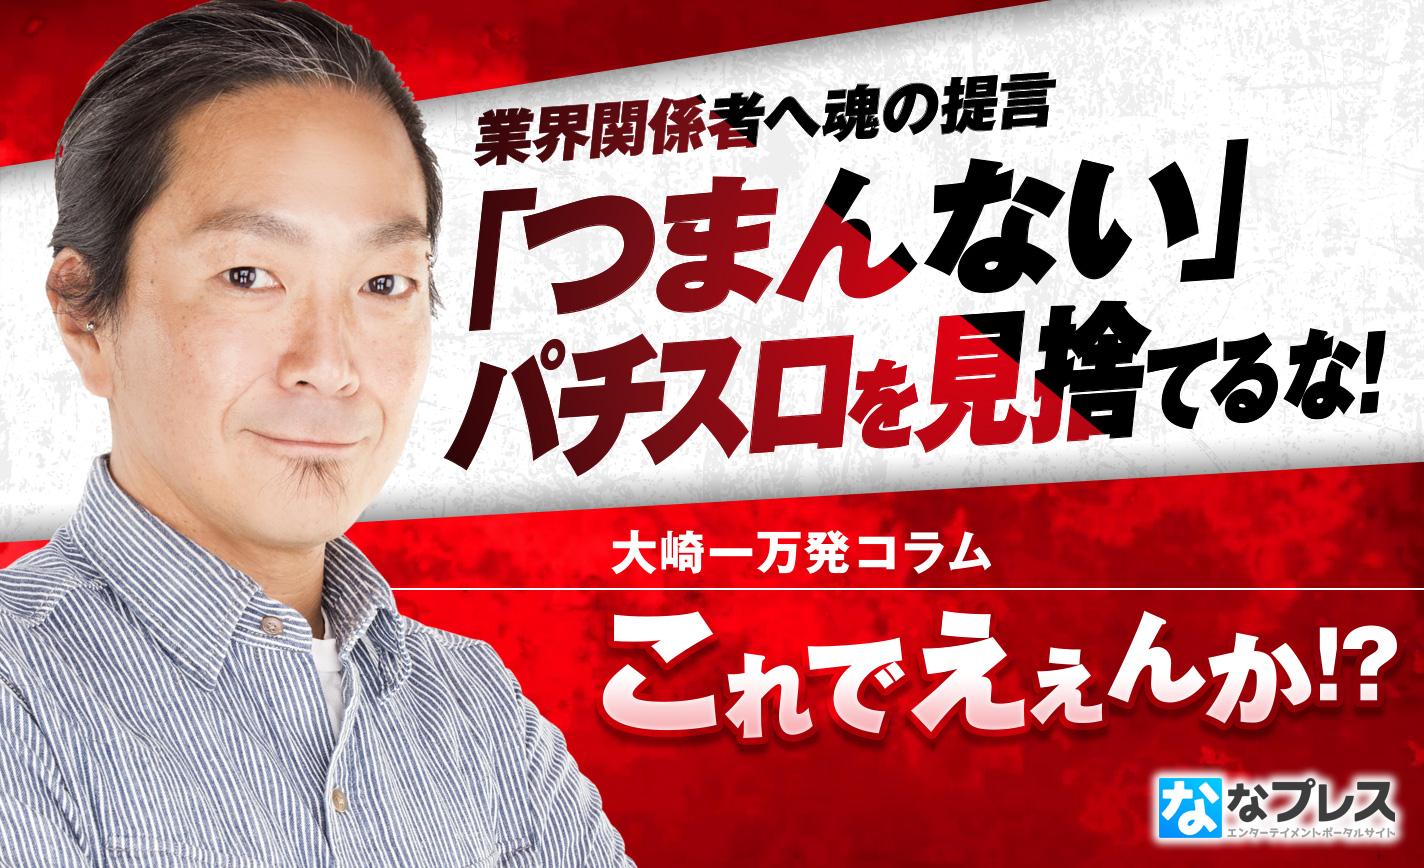 大崎一万発が業界関係者へ魂の提言!「つまんない」パチスロを見捨てるな! eyecatch-image